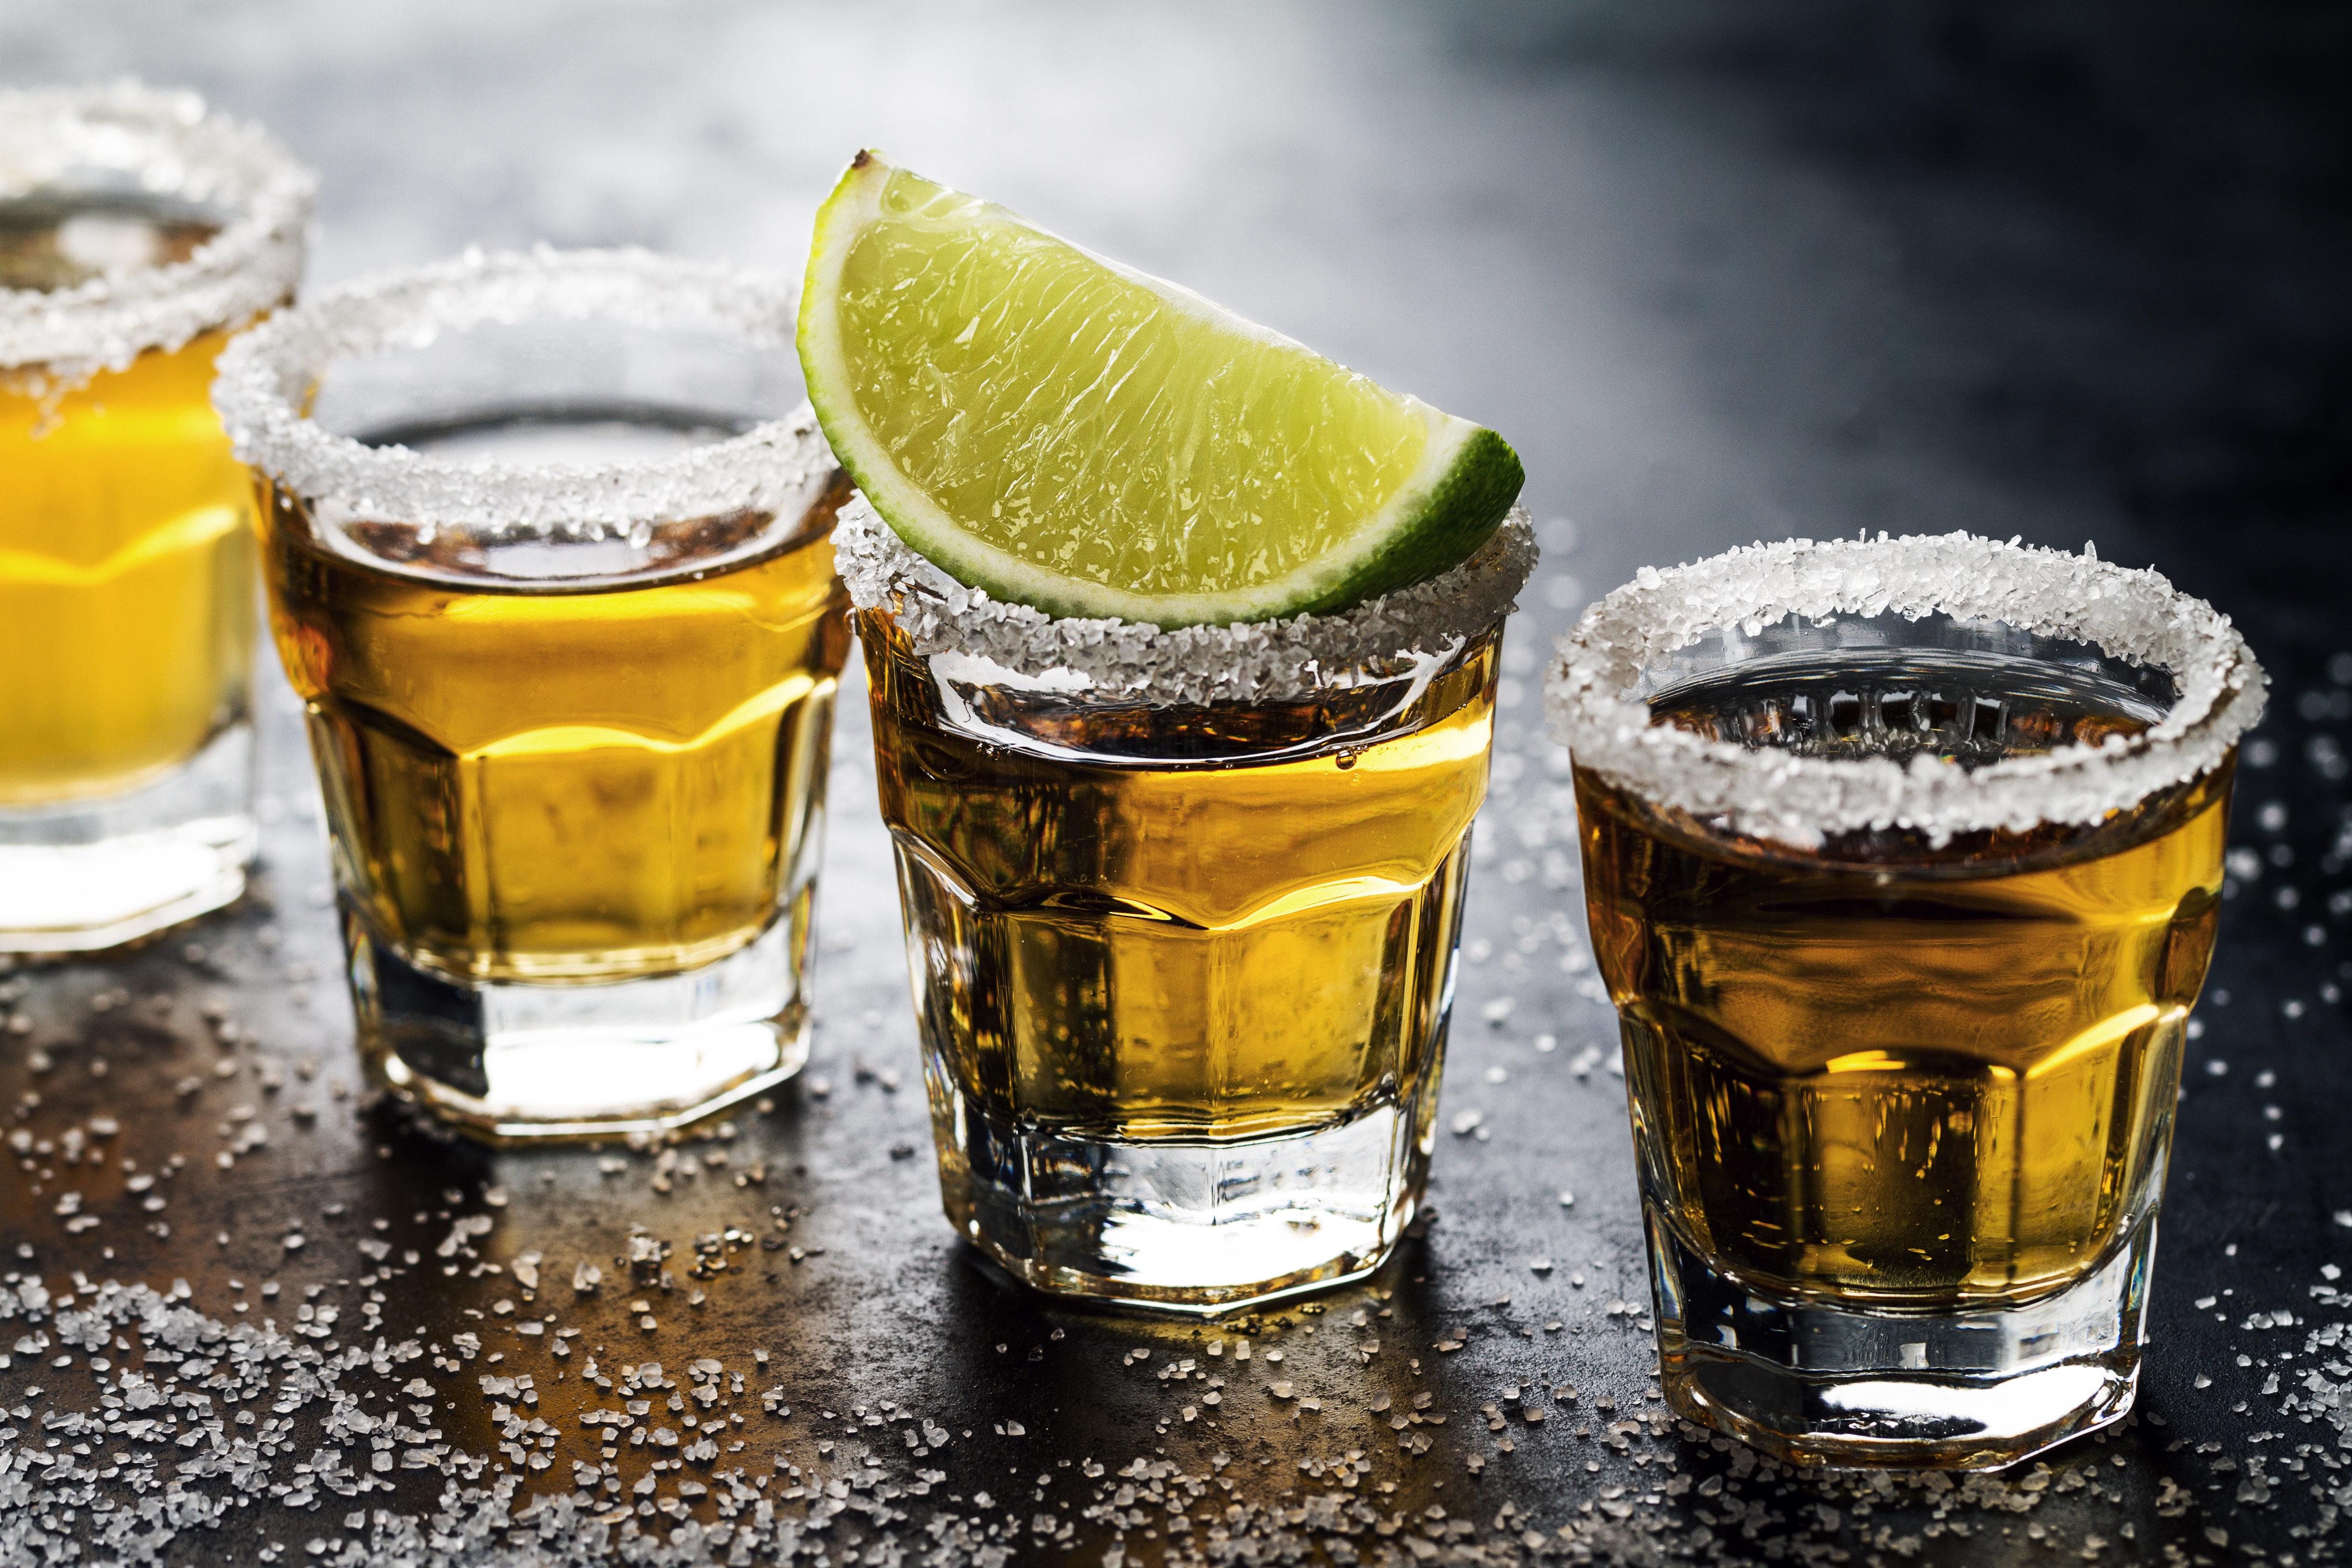 Παγκόσμια έλλειψη σε τεκίλα. Πίνουμε τόσο πολύ που η παραγωγή Αγαύης στο Μεξικό δεν μπορεί να καλύψει την